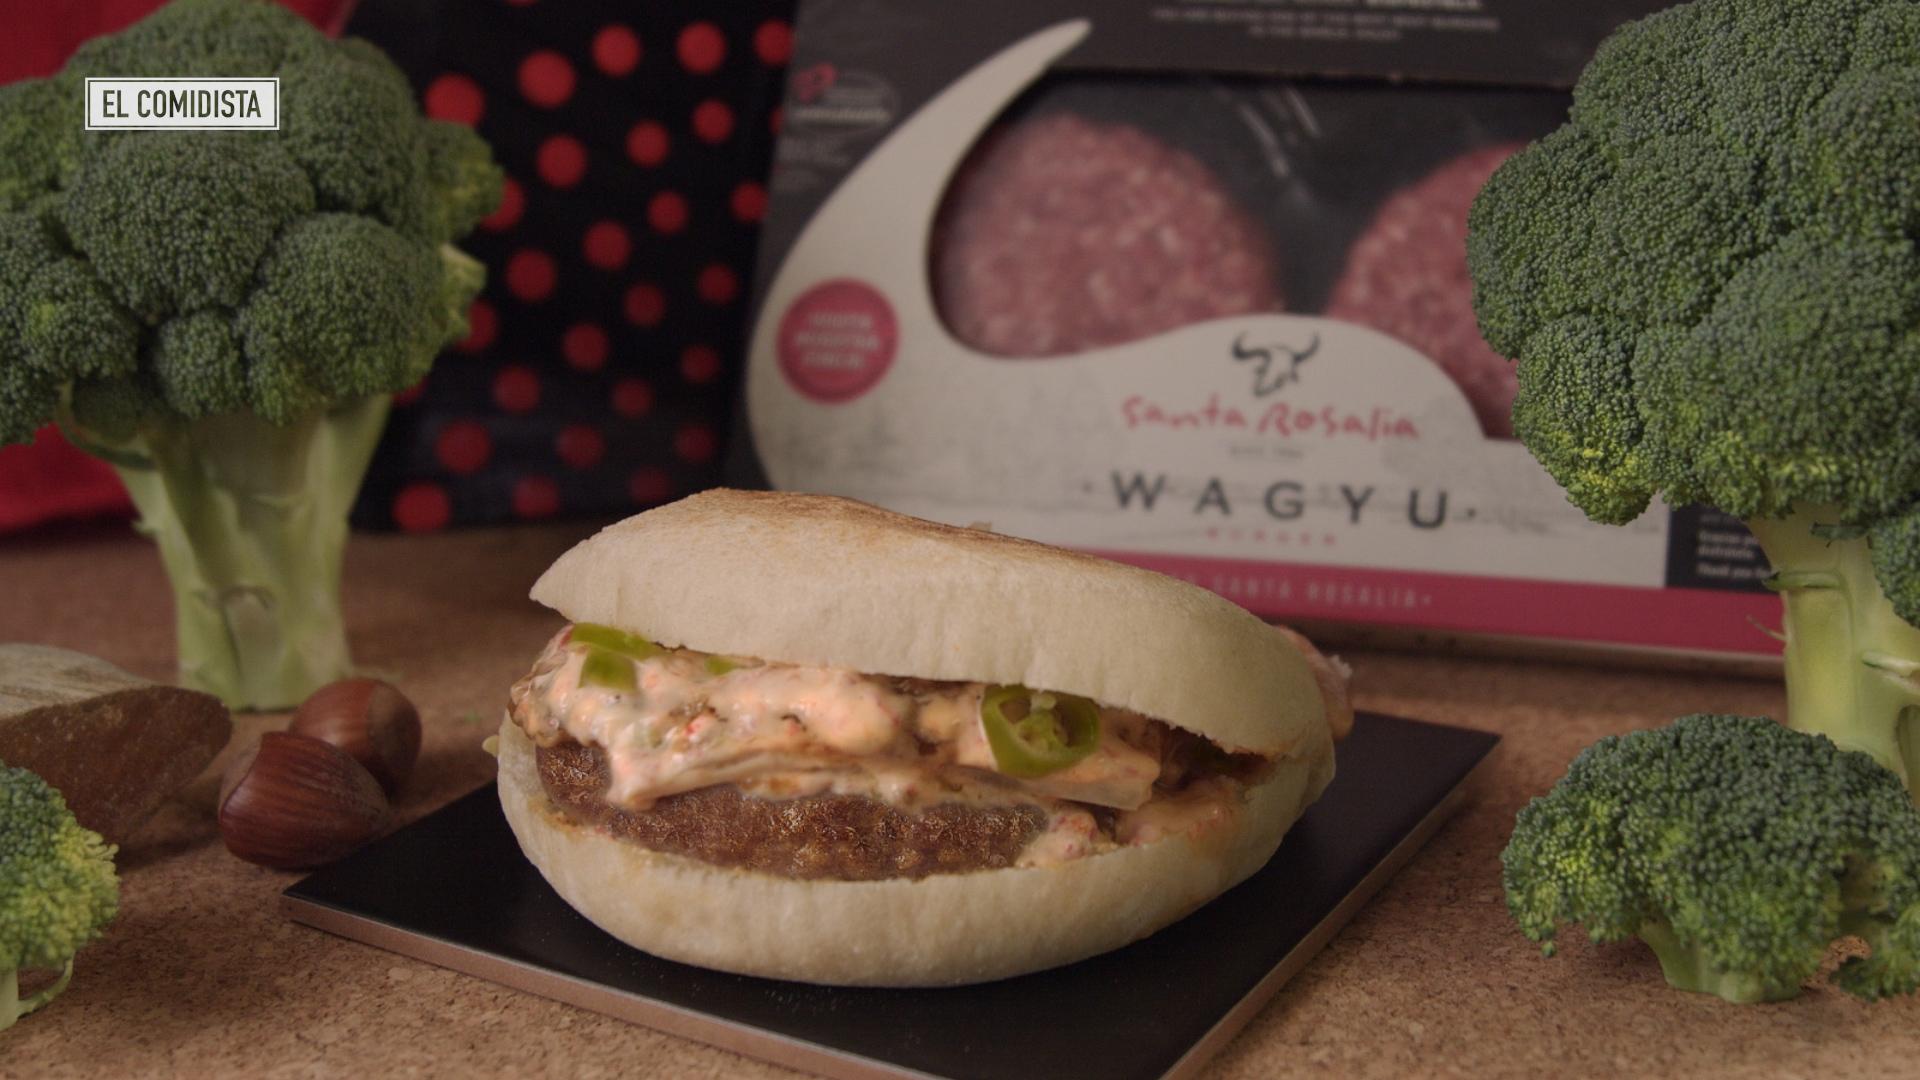 Hamburguesa de wagyu en versión española